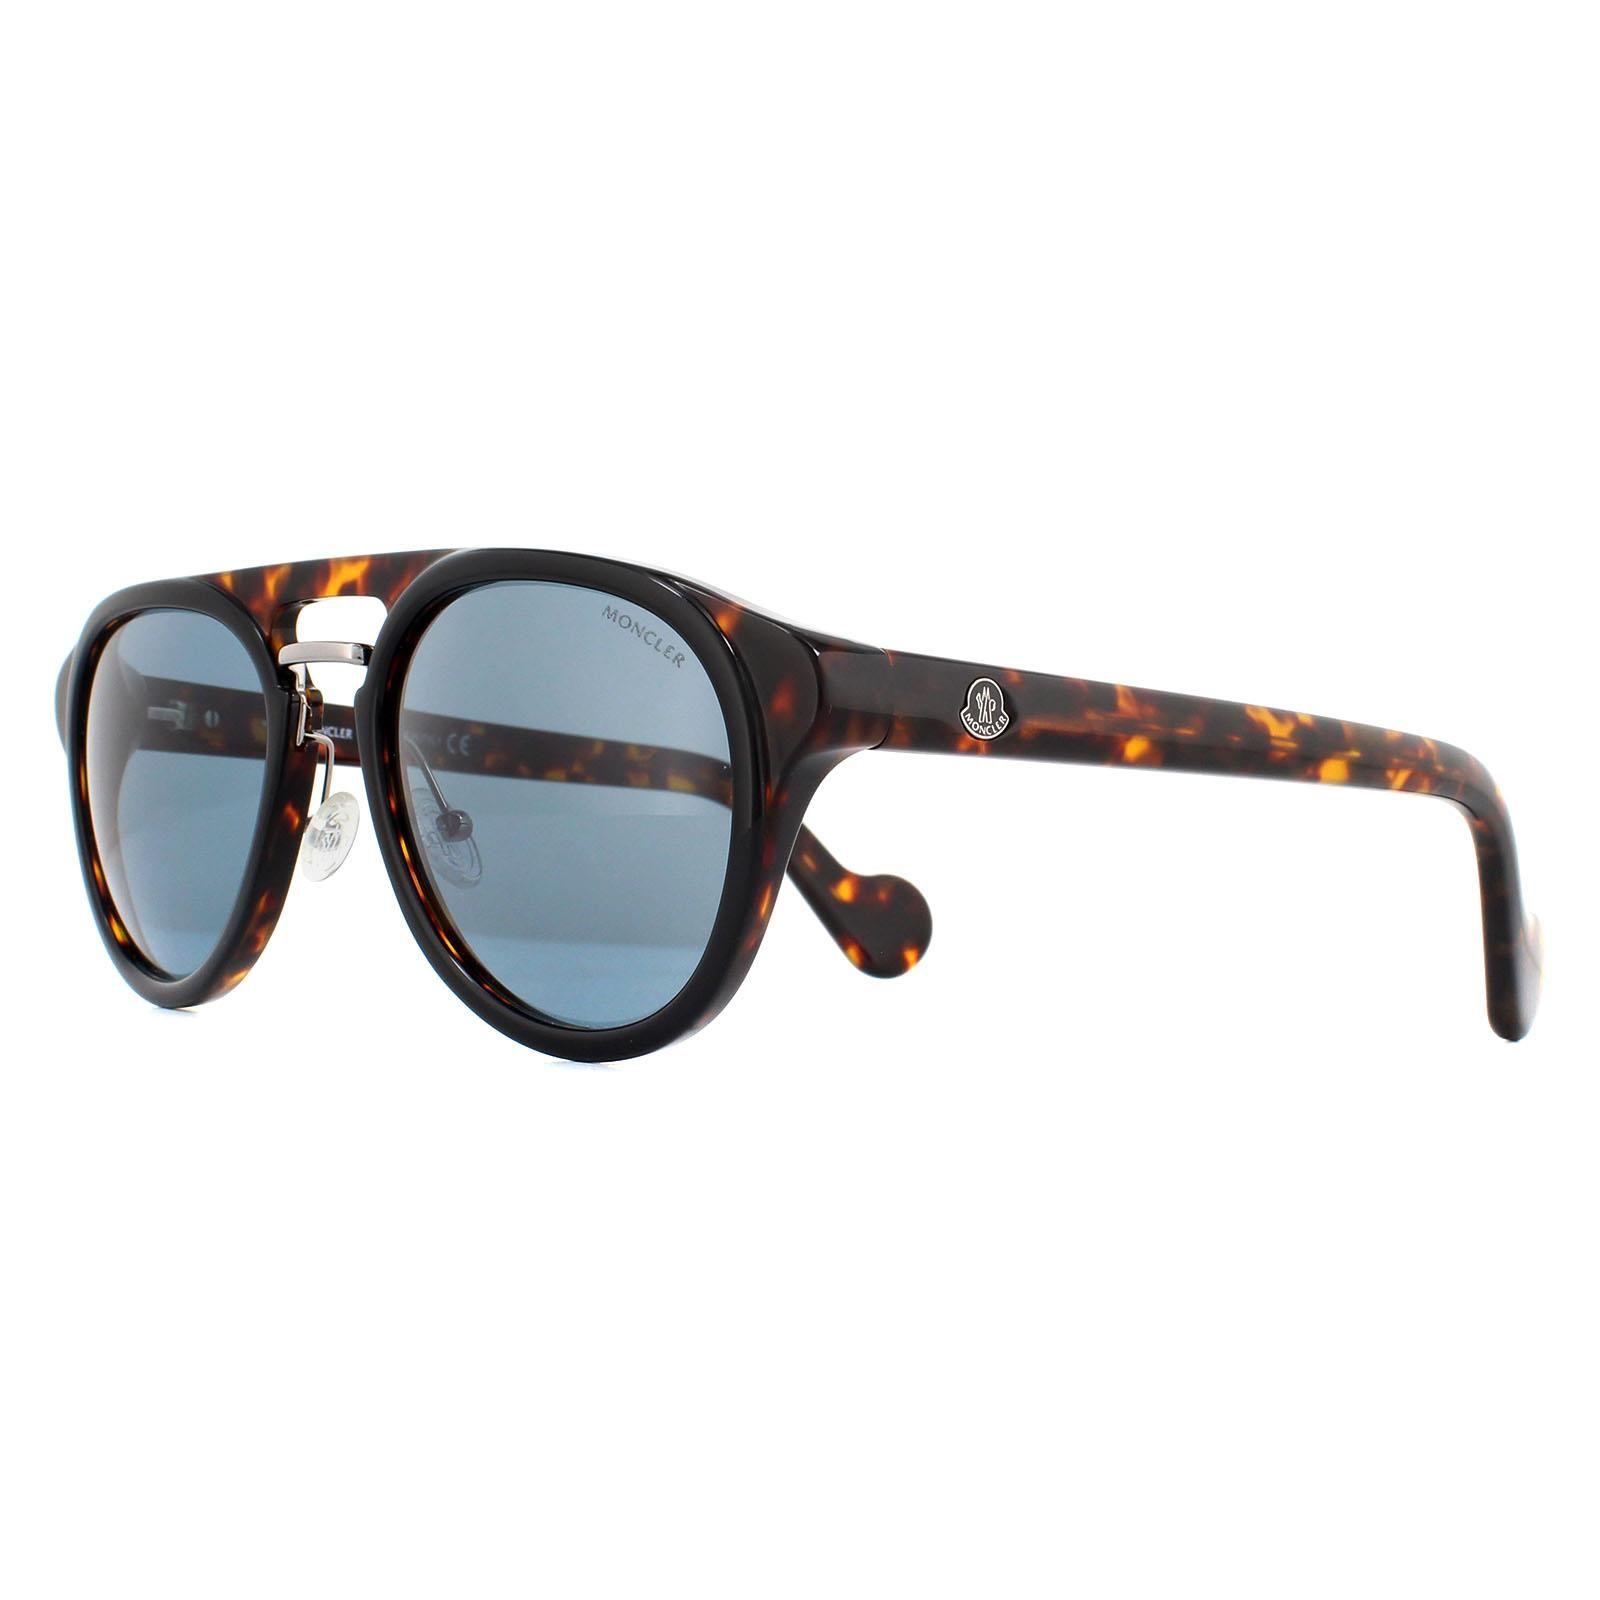 Moncler Sunglasses ML0020 05V Dark Havana Blue